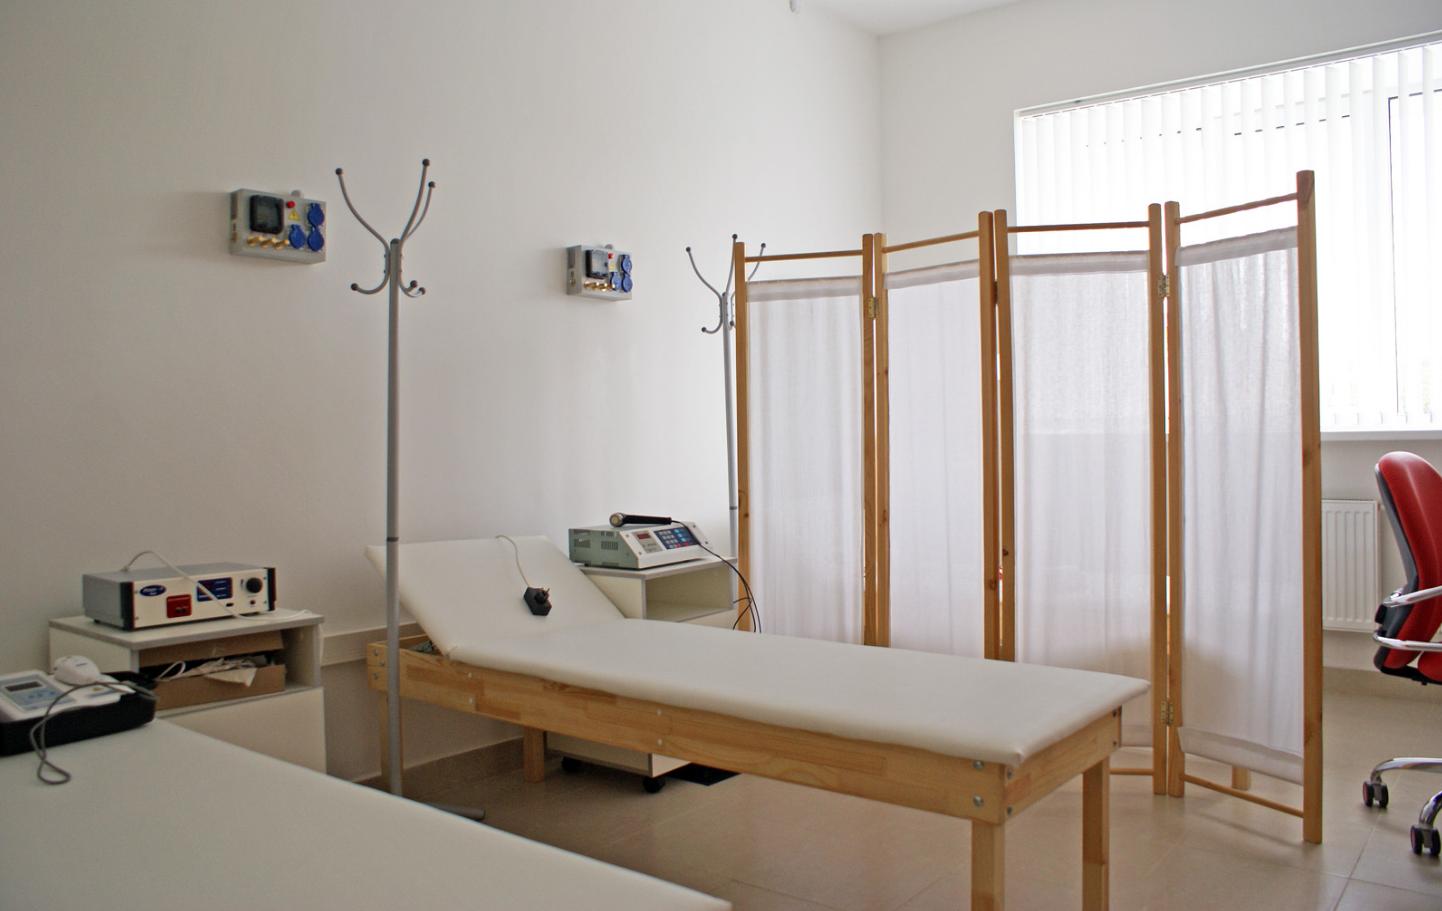 Бизнес-идея физиотерапевтического кабинета